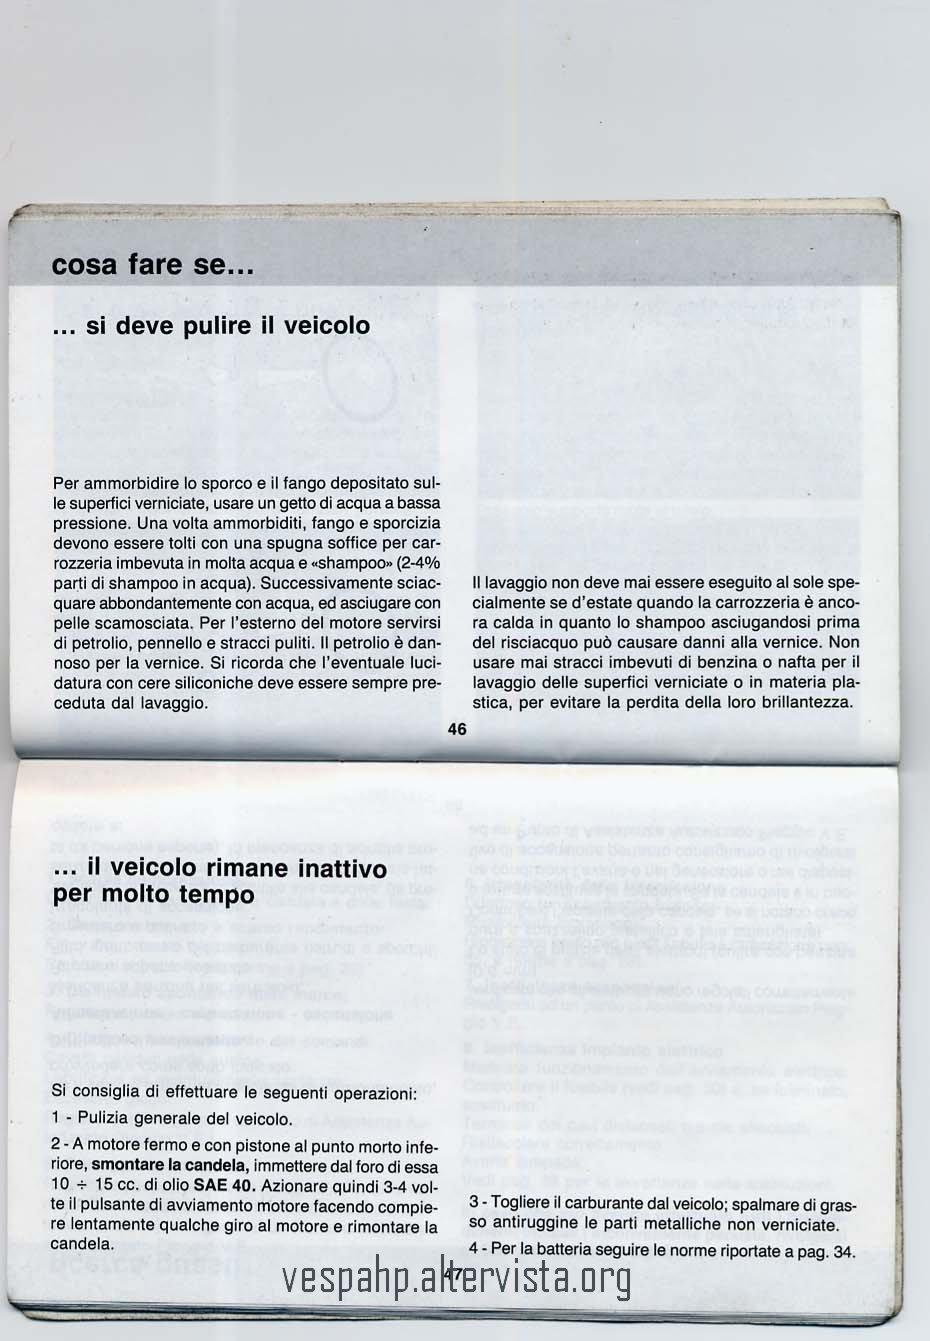 Manuale di istruzioni termostato bpt huerta organica for Bpt termostato istruzioni